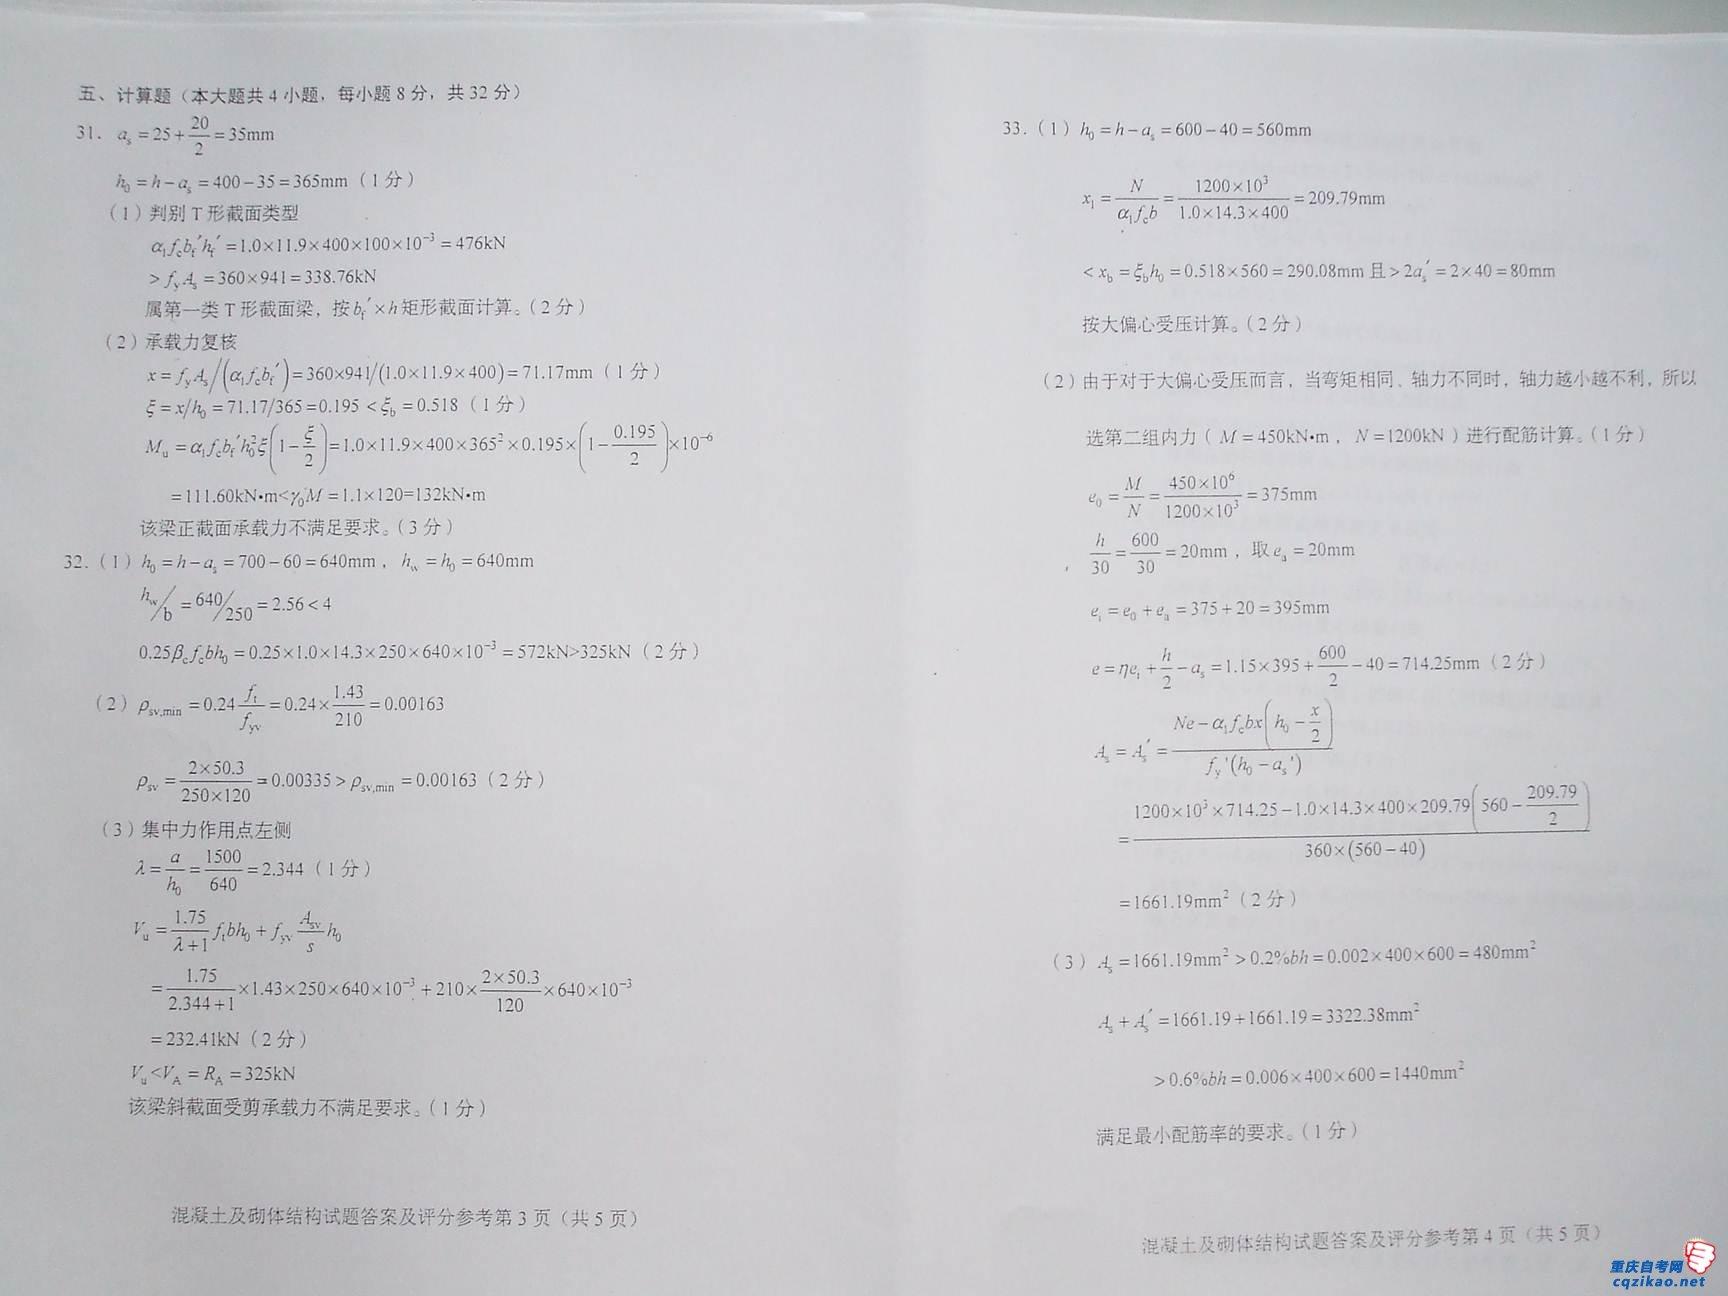 全国2009年1月自考02396混凝土及砌体结构试题答案(重庆自考)